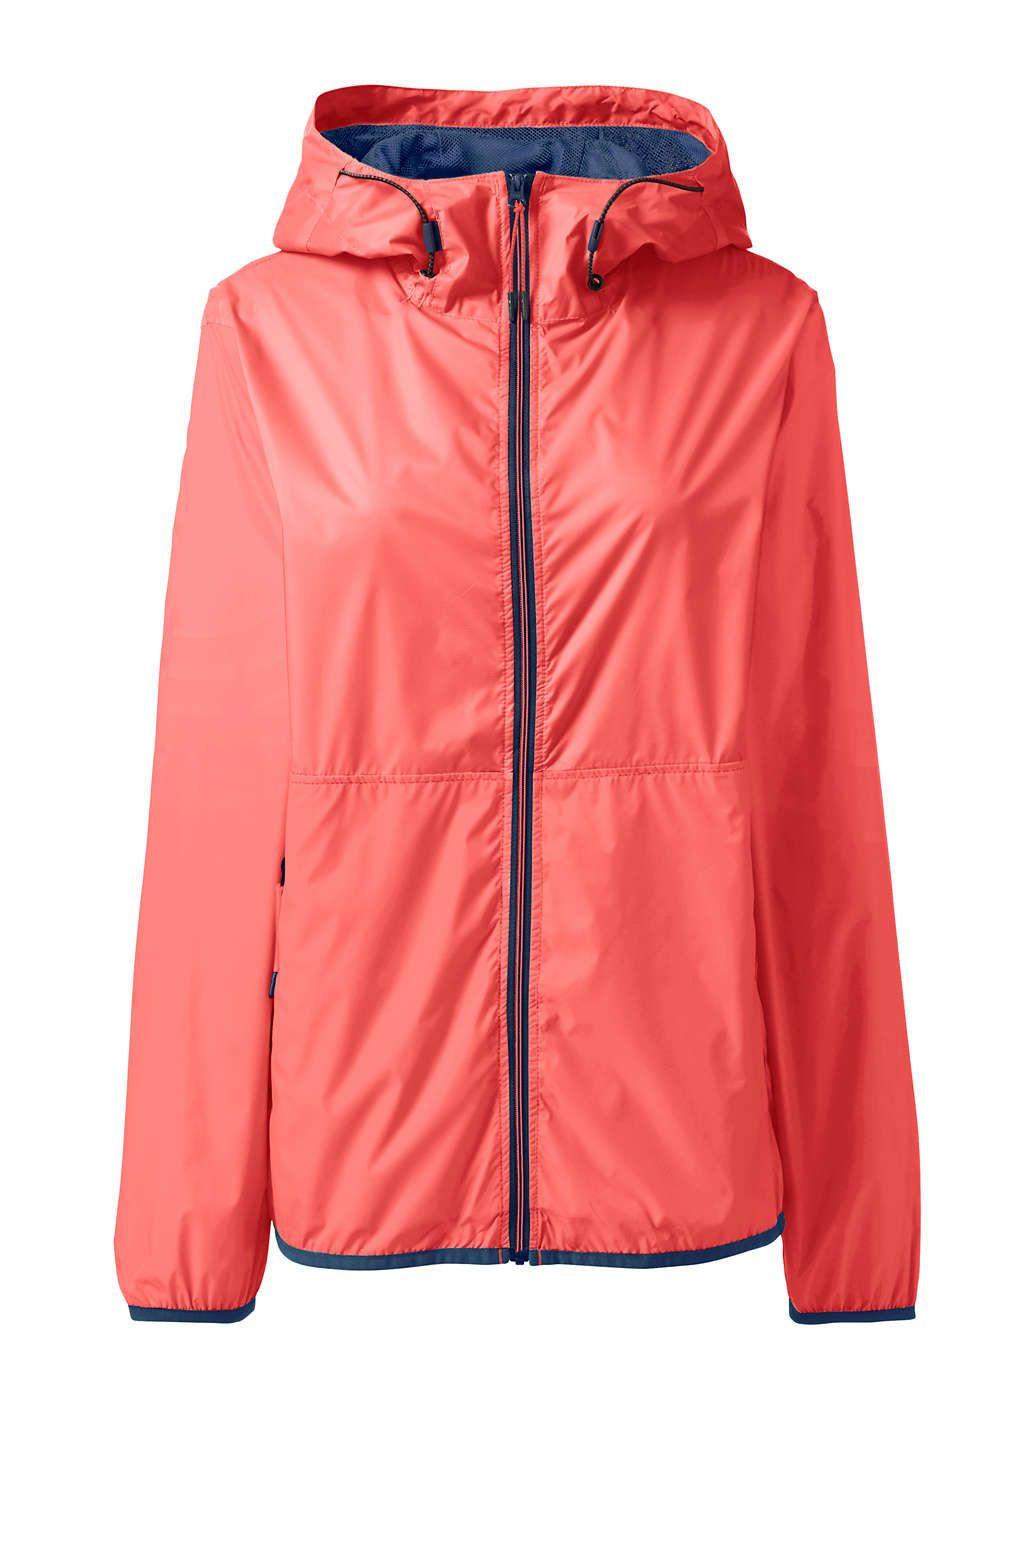 9b9e39f77a6e3 Women's Packable Windbreaker Jacket from Lands' End | style in 2019 ...